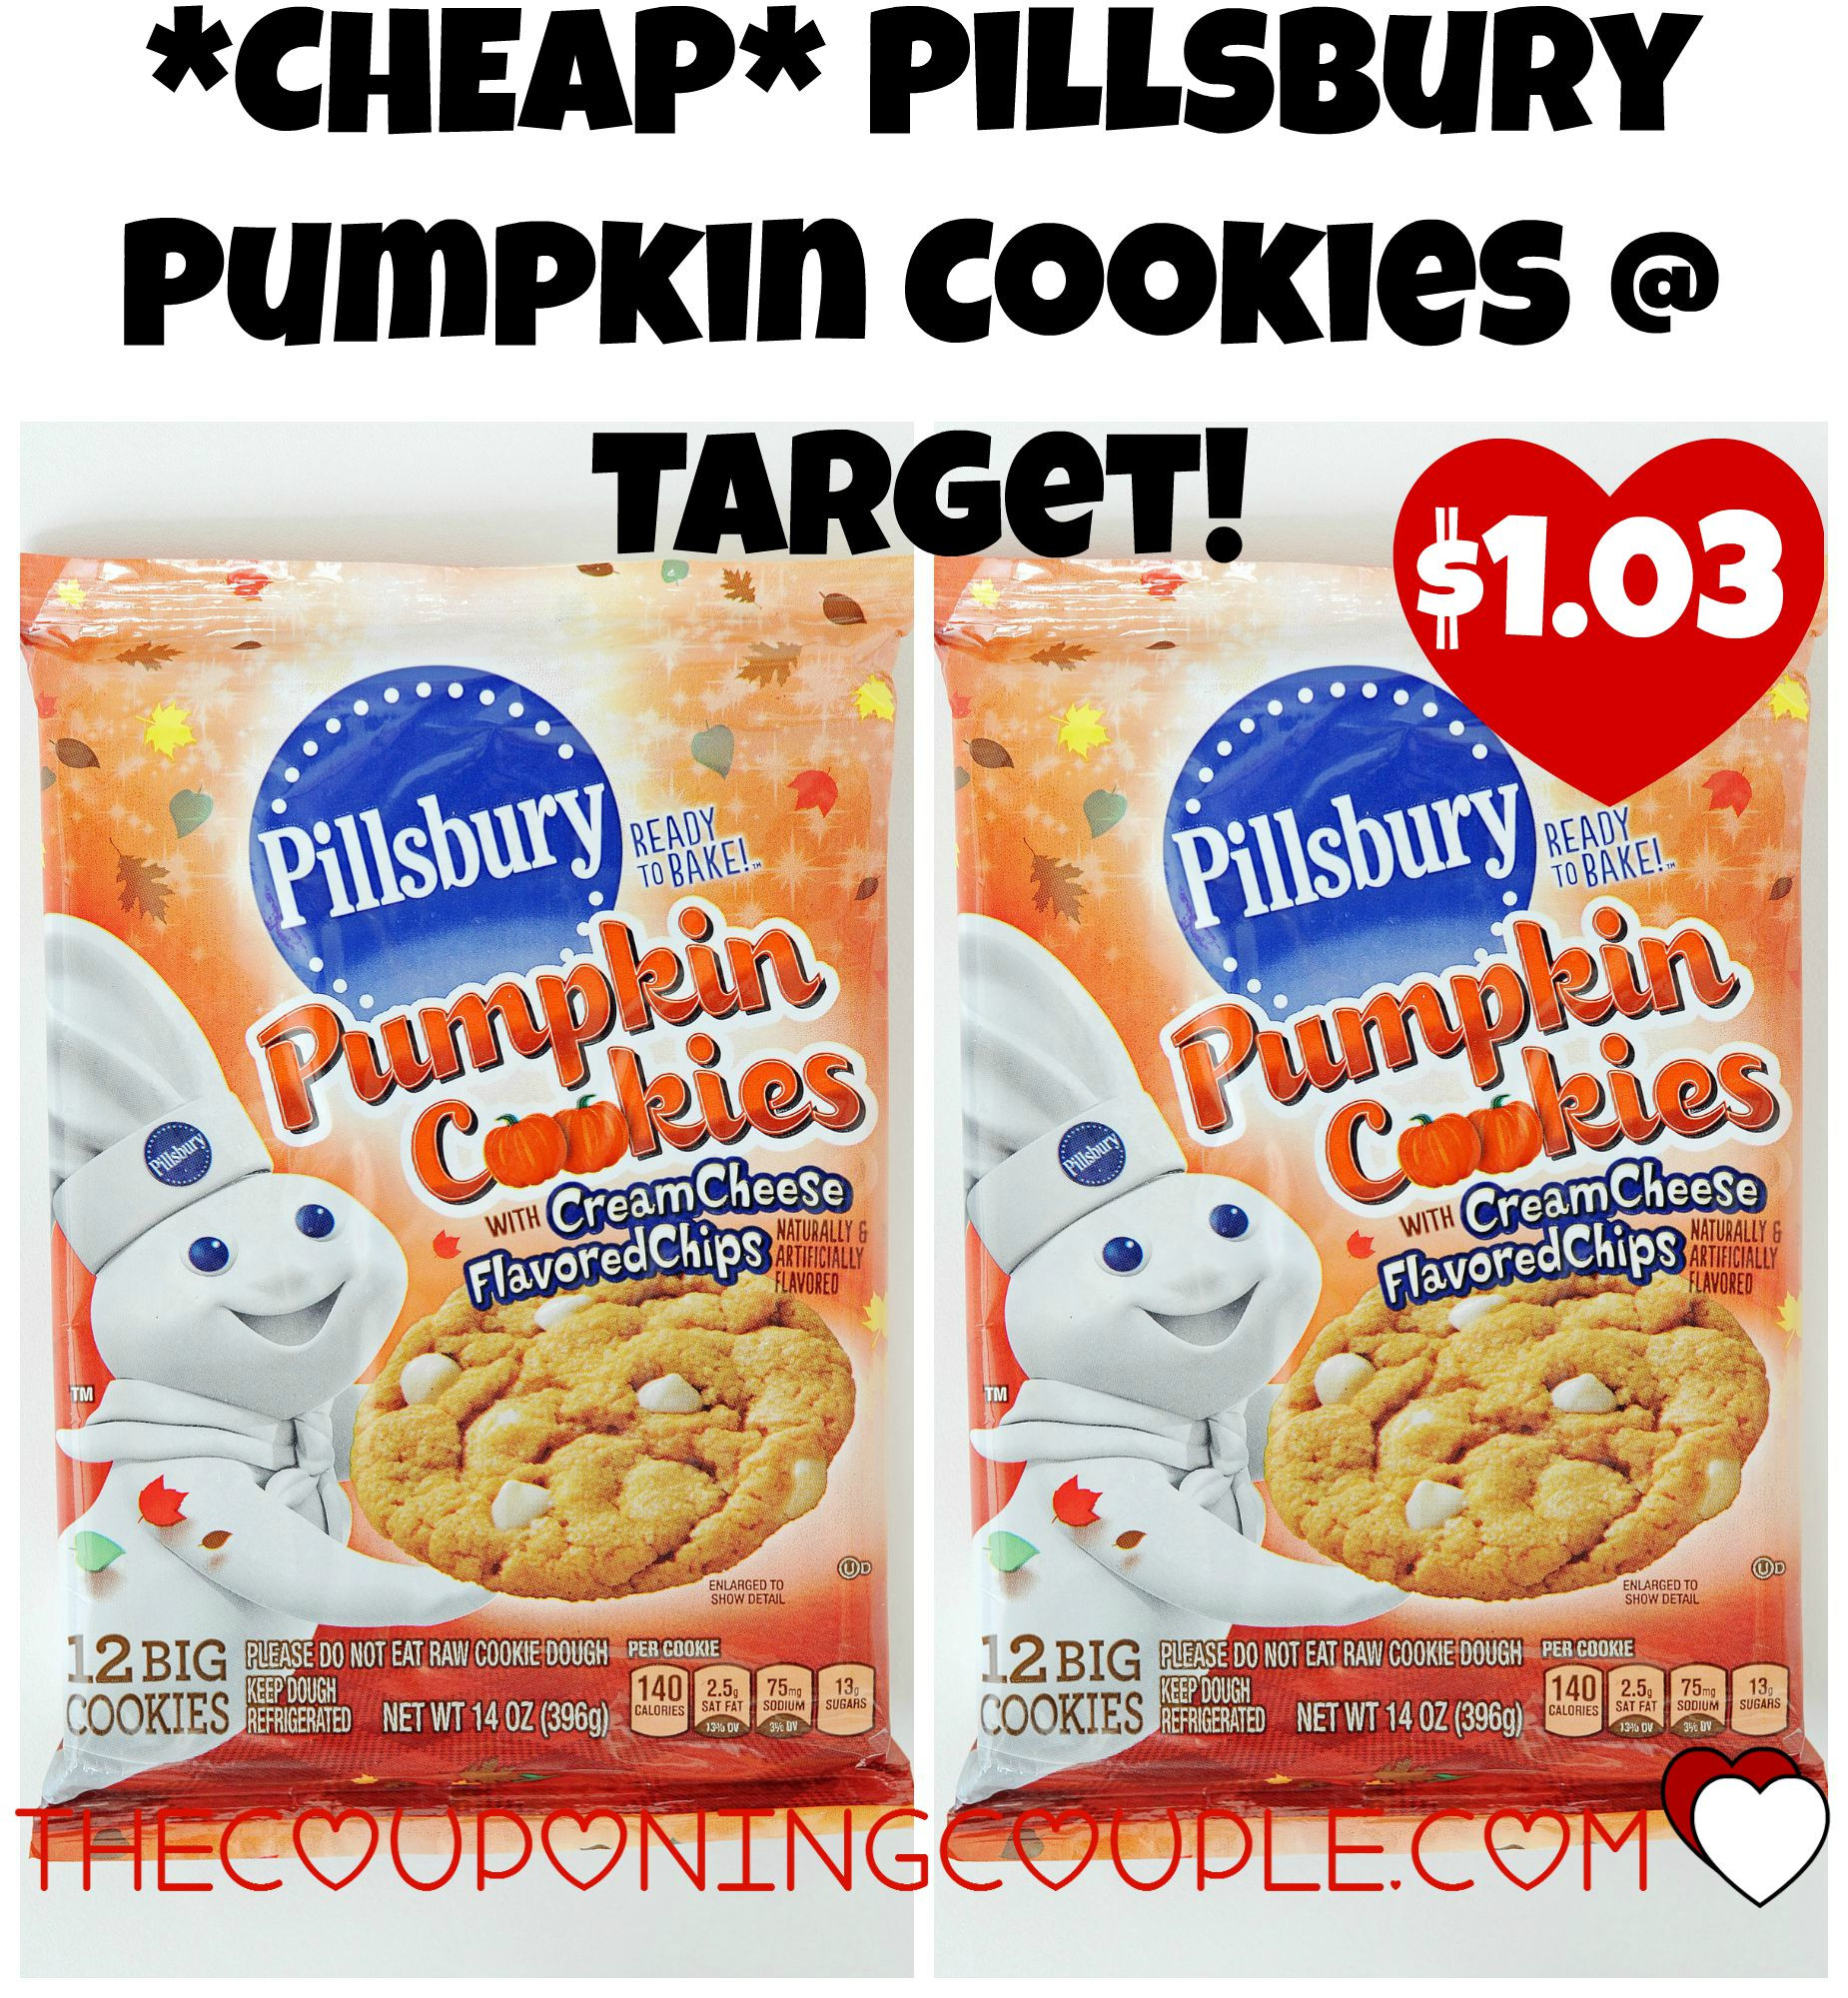 Pillsbury Pumpkin Cookies  CHEAP Pillsbury Pumpkin Cookies Tar